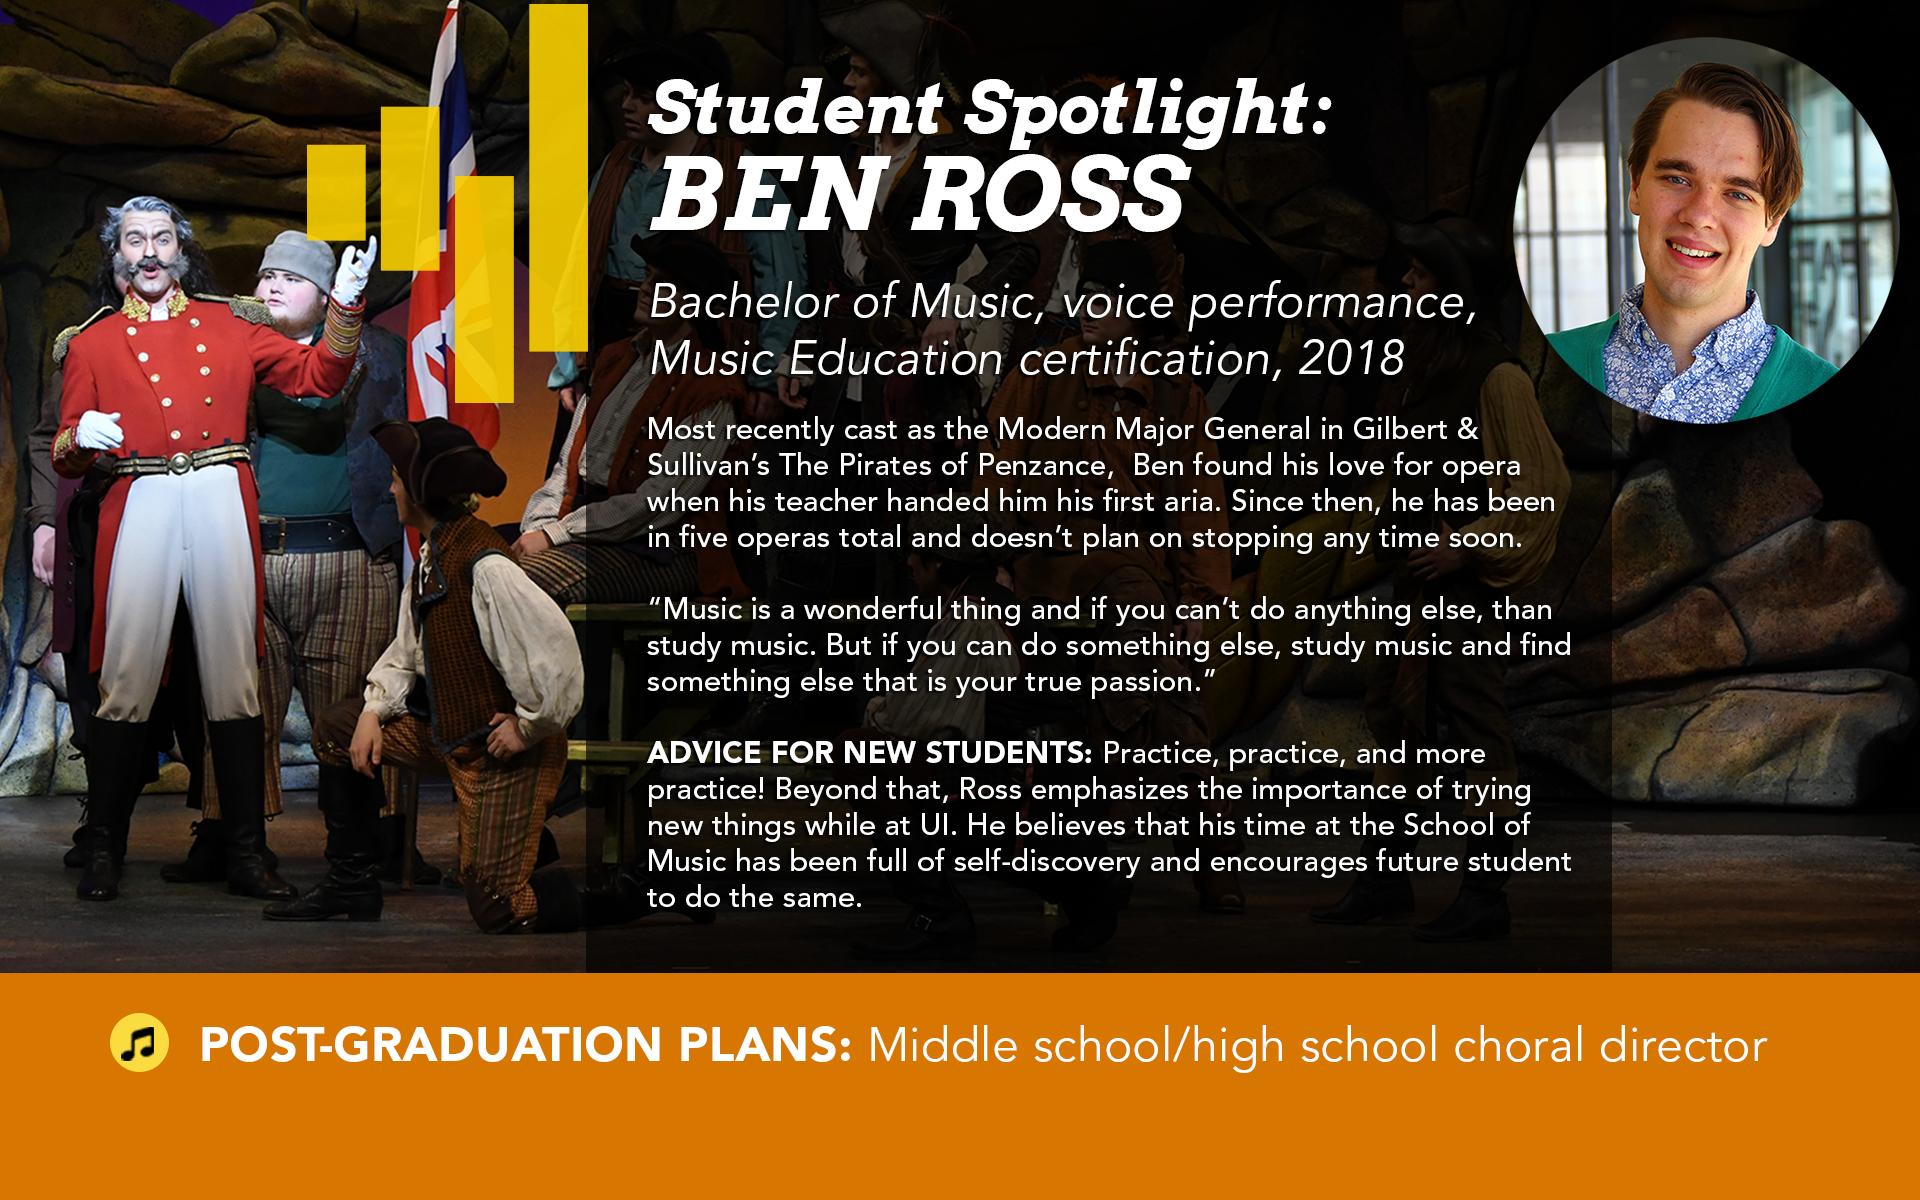 Student Spotlight Ben Ross